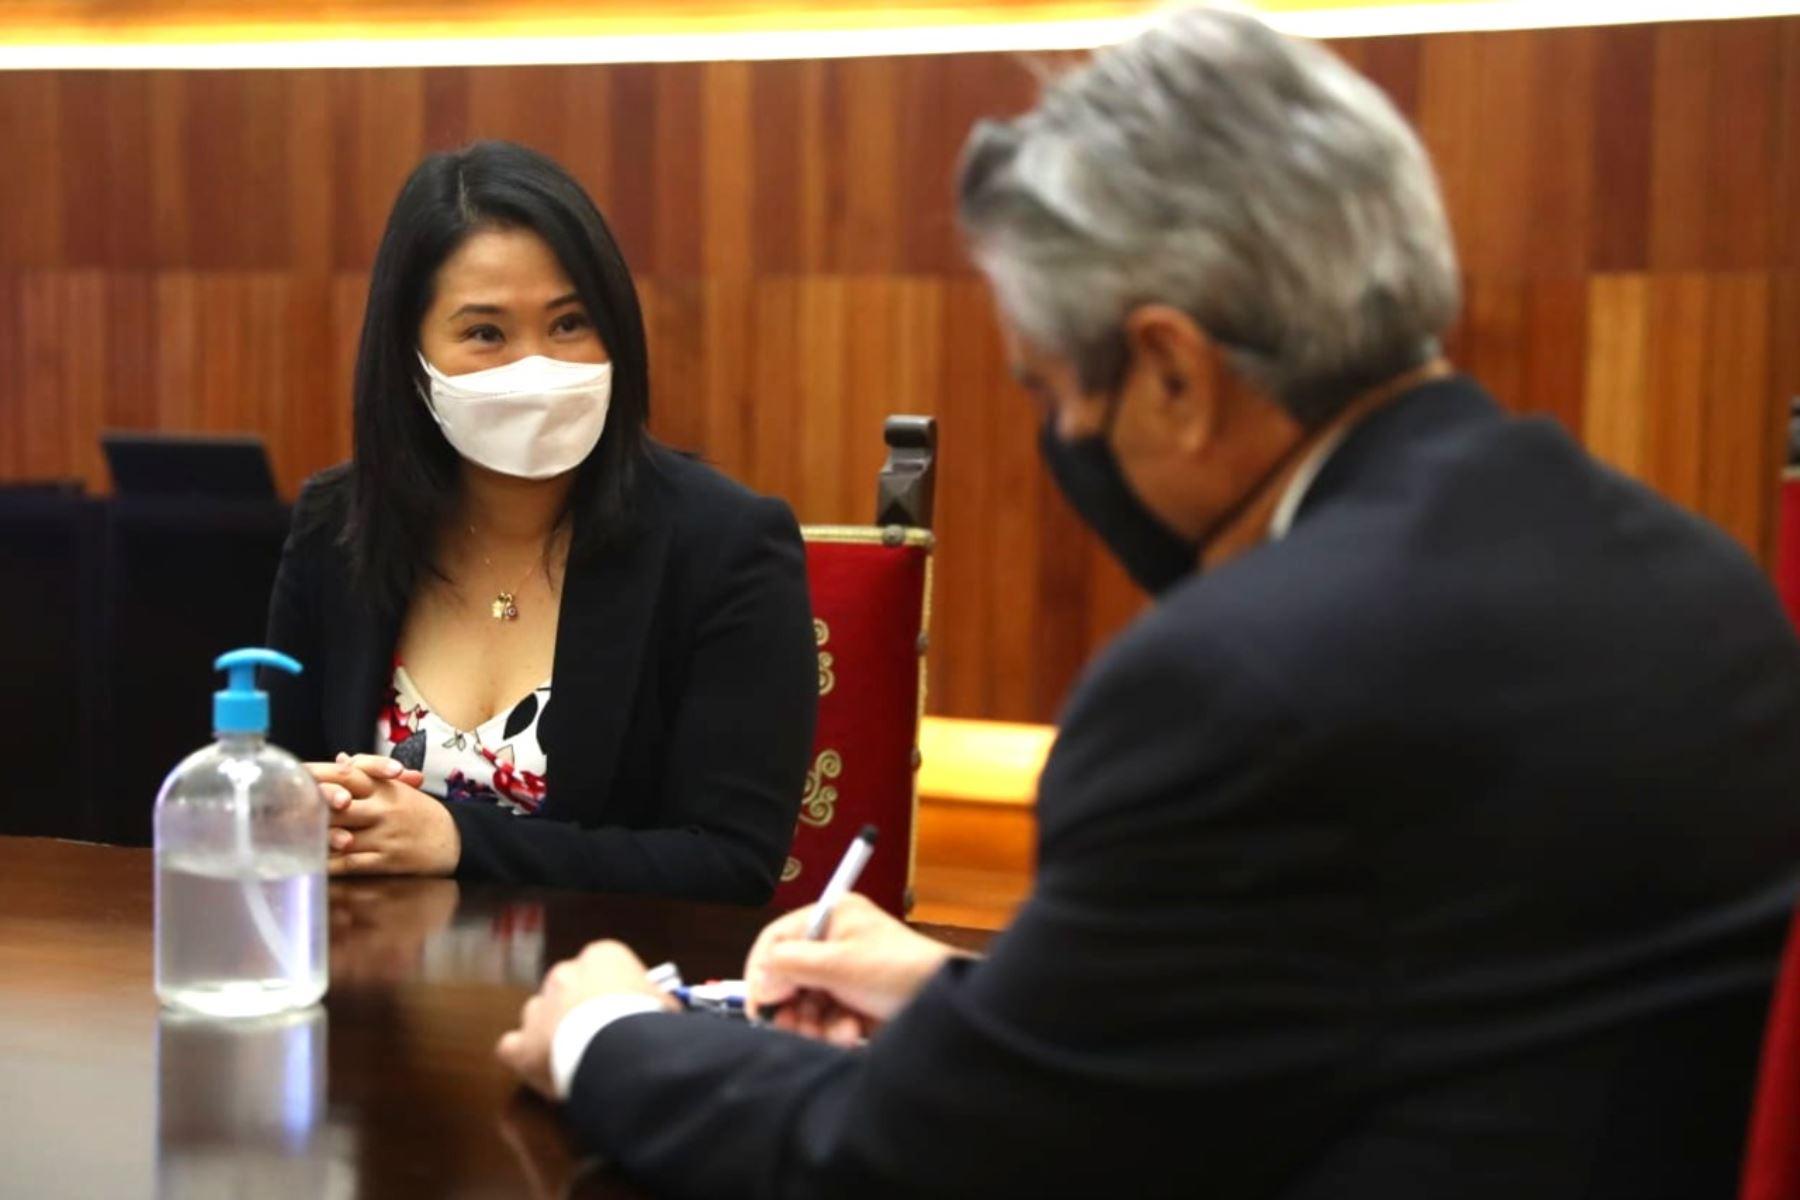 El presidente Francisco Sagasti se reúne con la lideresa de Fuerza Popular, Keiko Fujimori y el congresista y vocero de la bancada fujimorista, Diethell Columbus. Foto: ANDINA/Prensa Presidencia